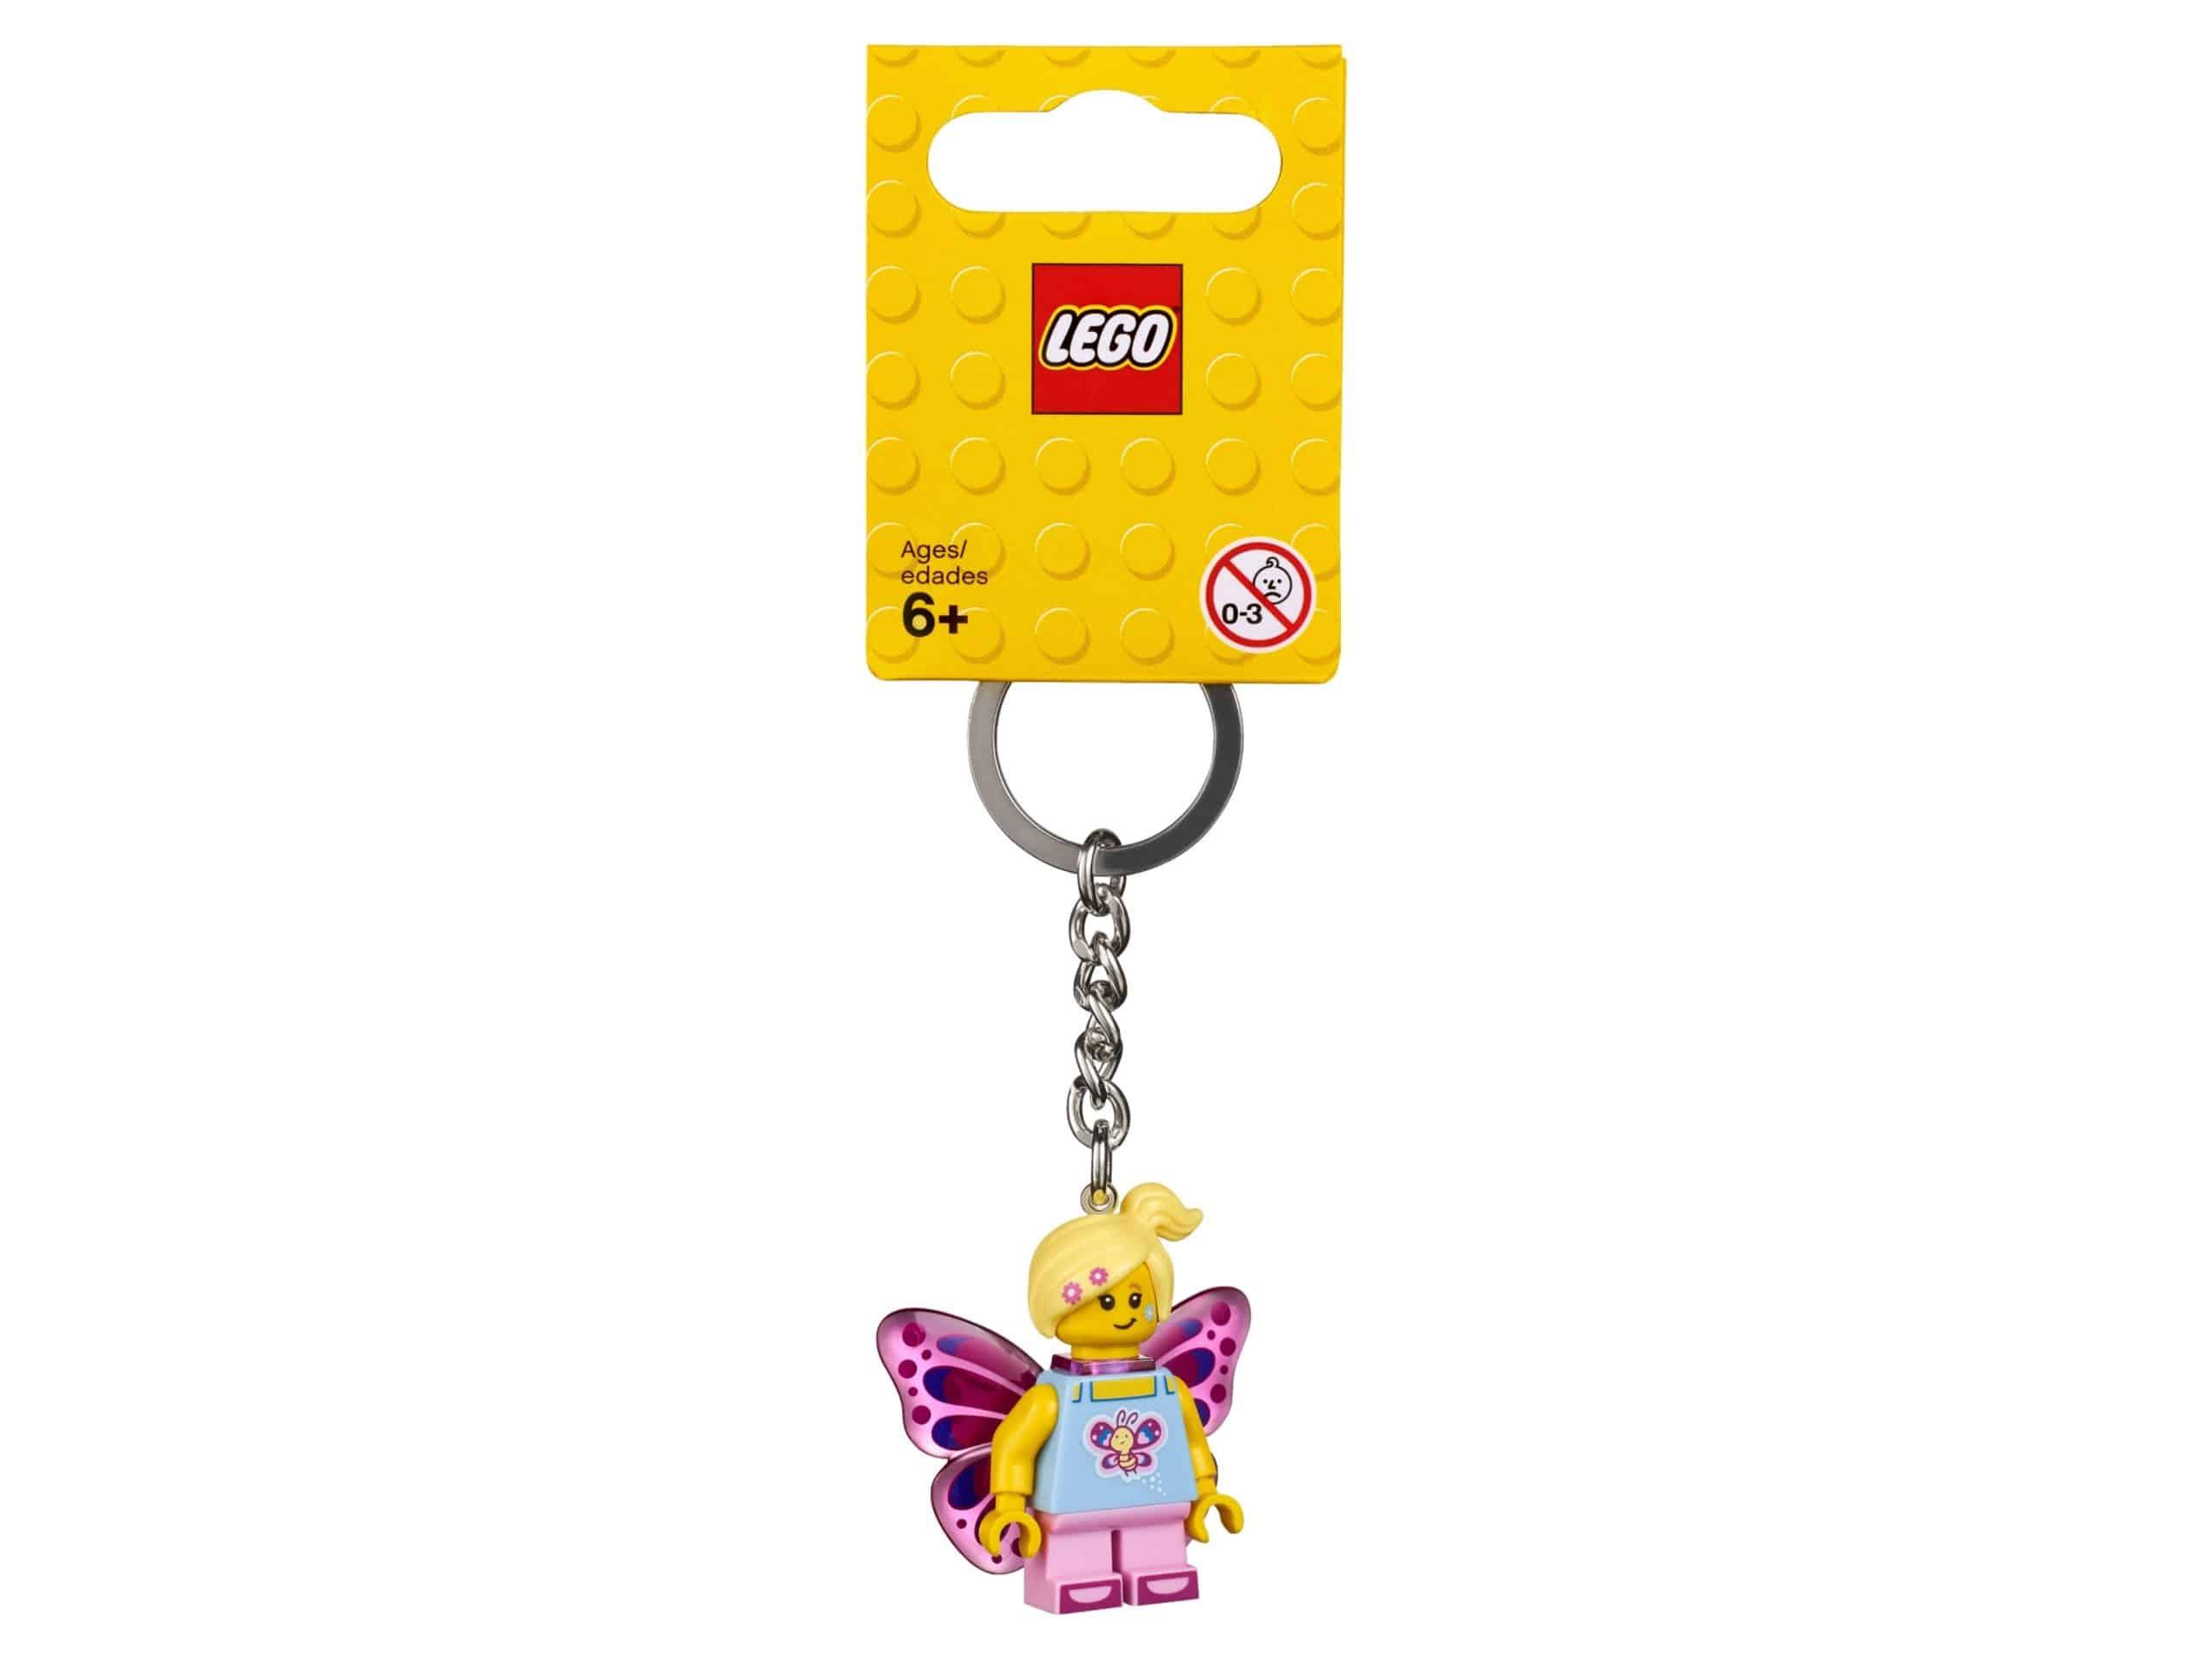 lego 853795 sommerfuglepige noglering scaled